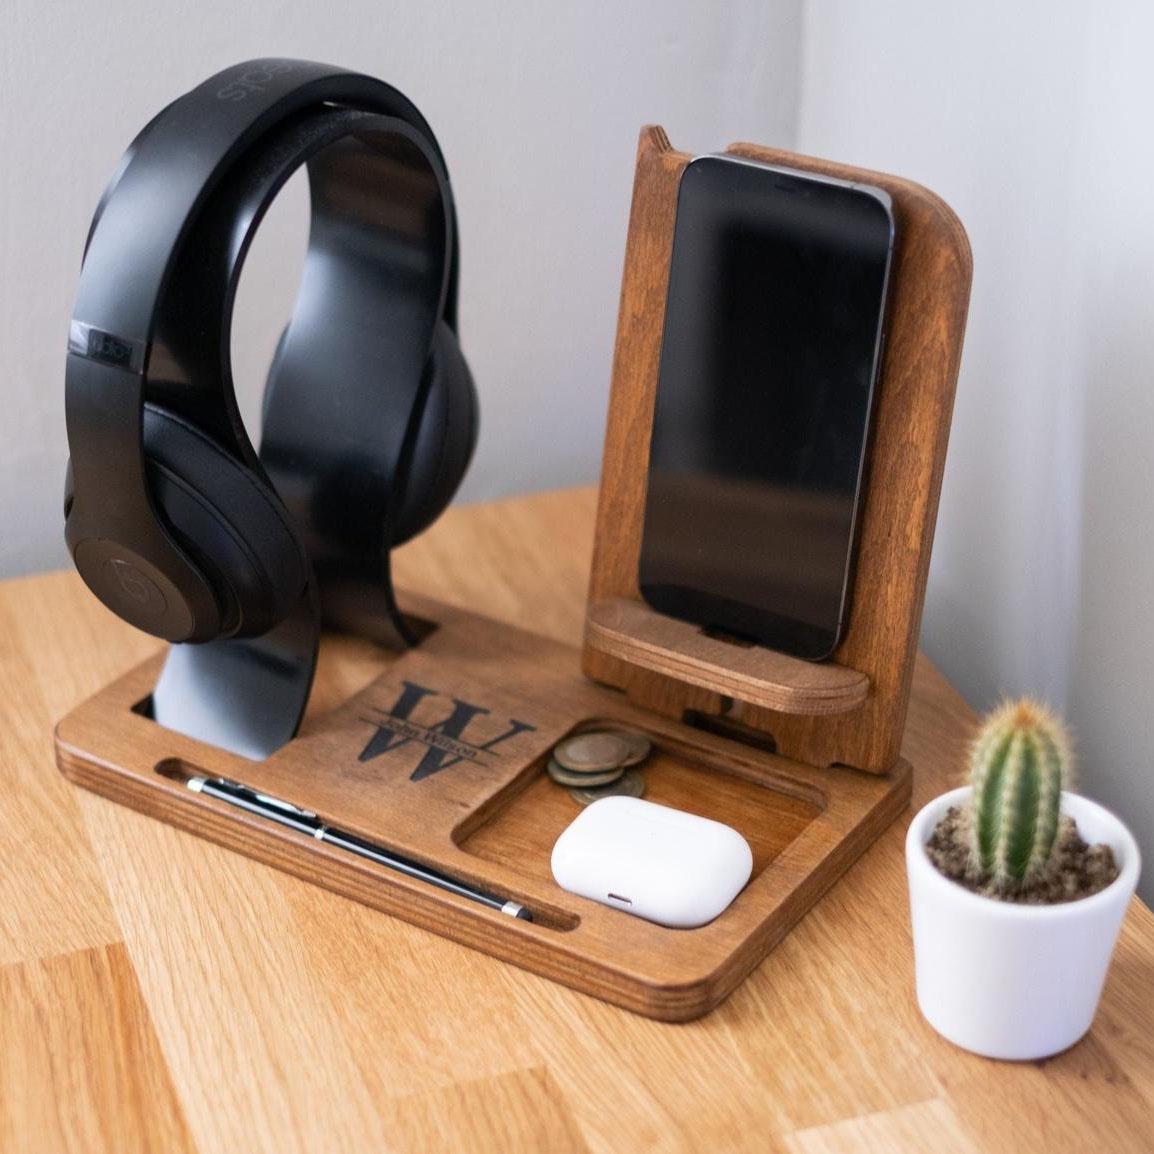 UartDesign Headphone Stand